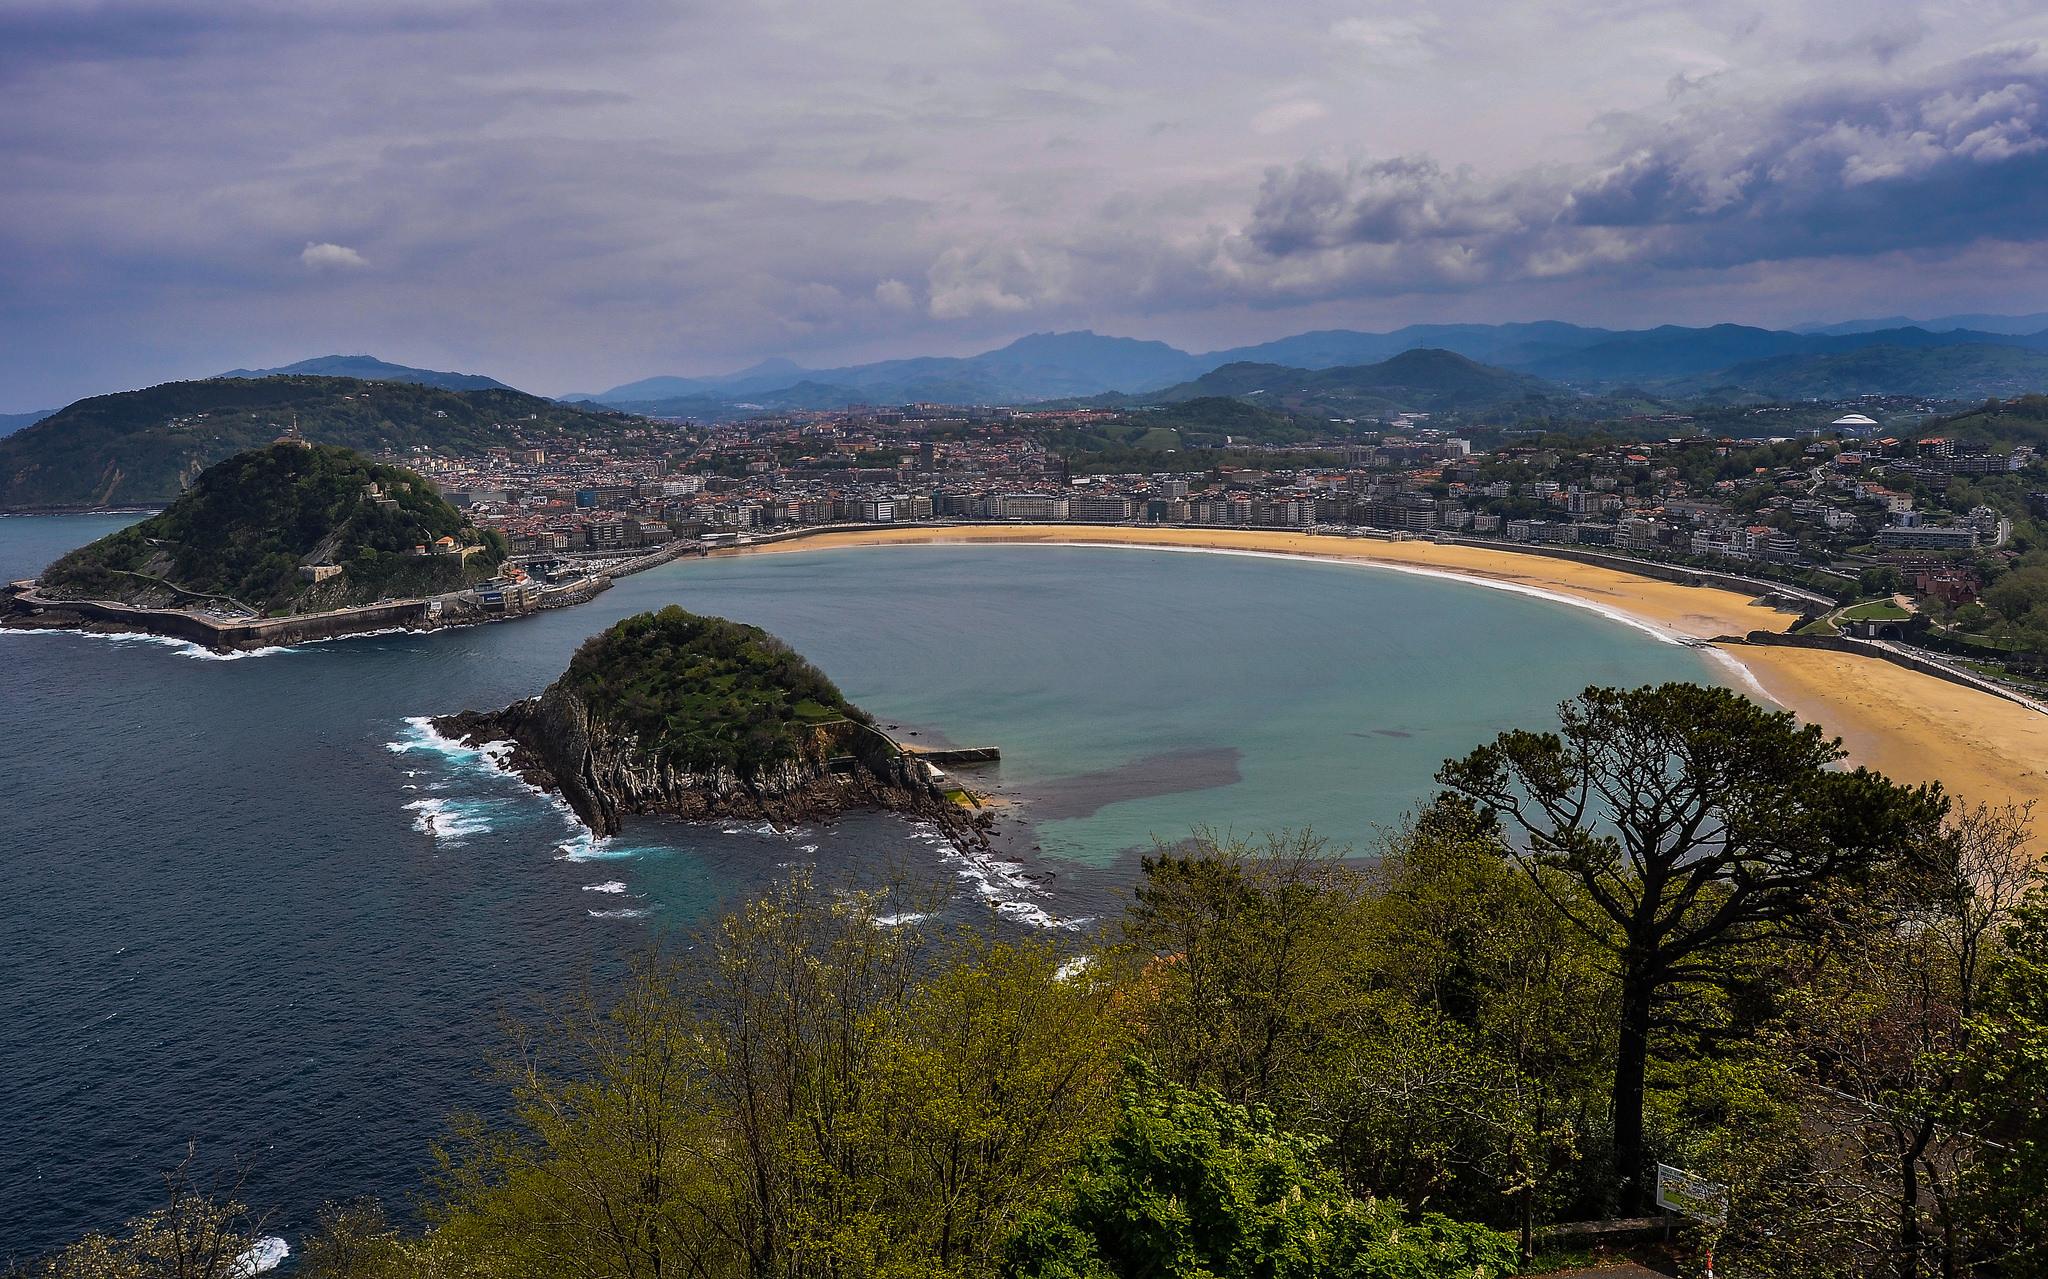 2. San Sebastián